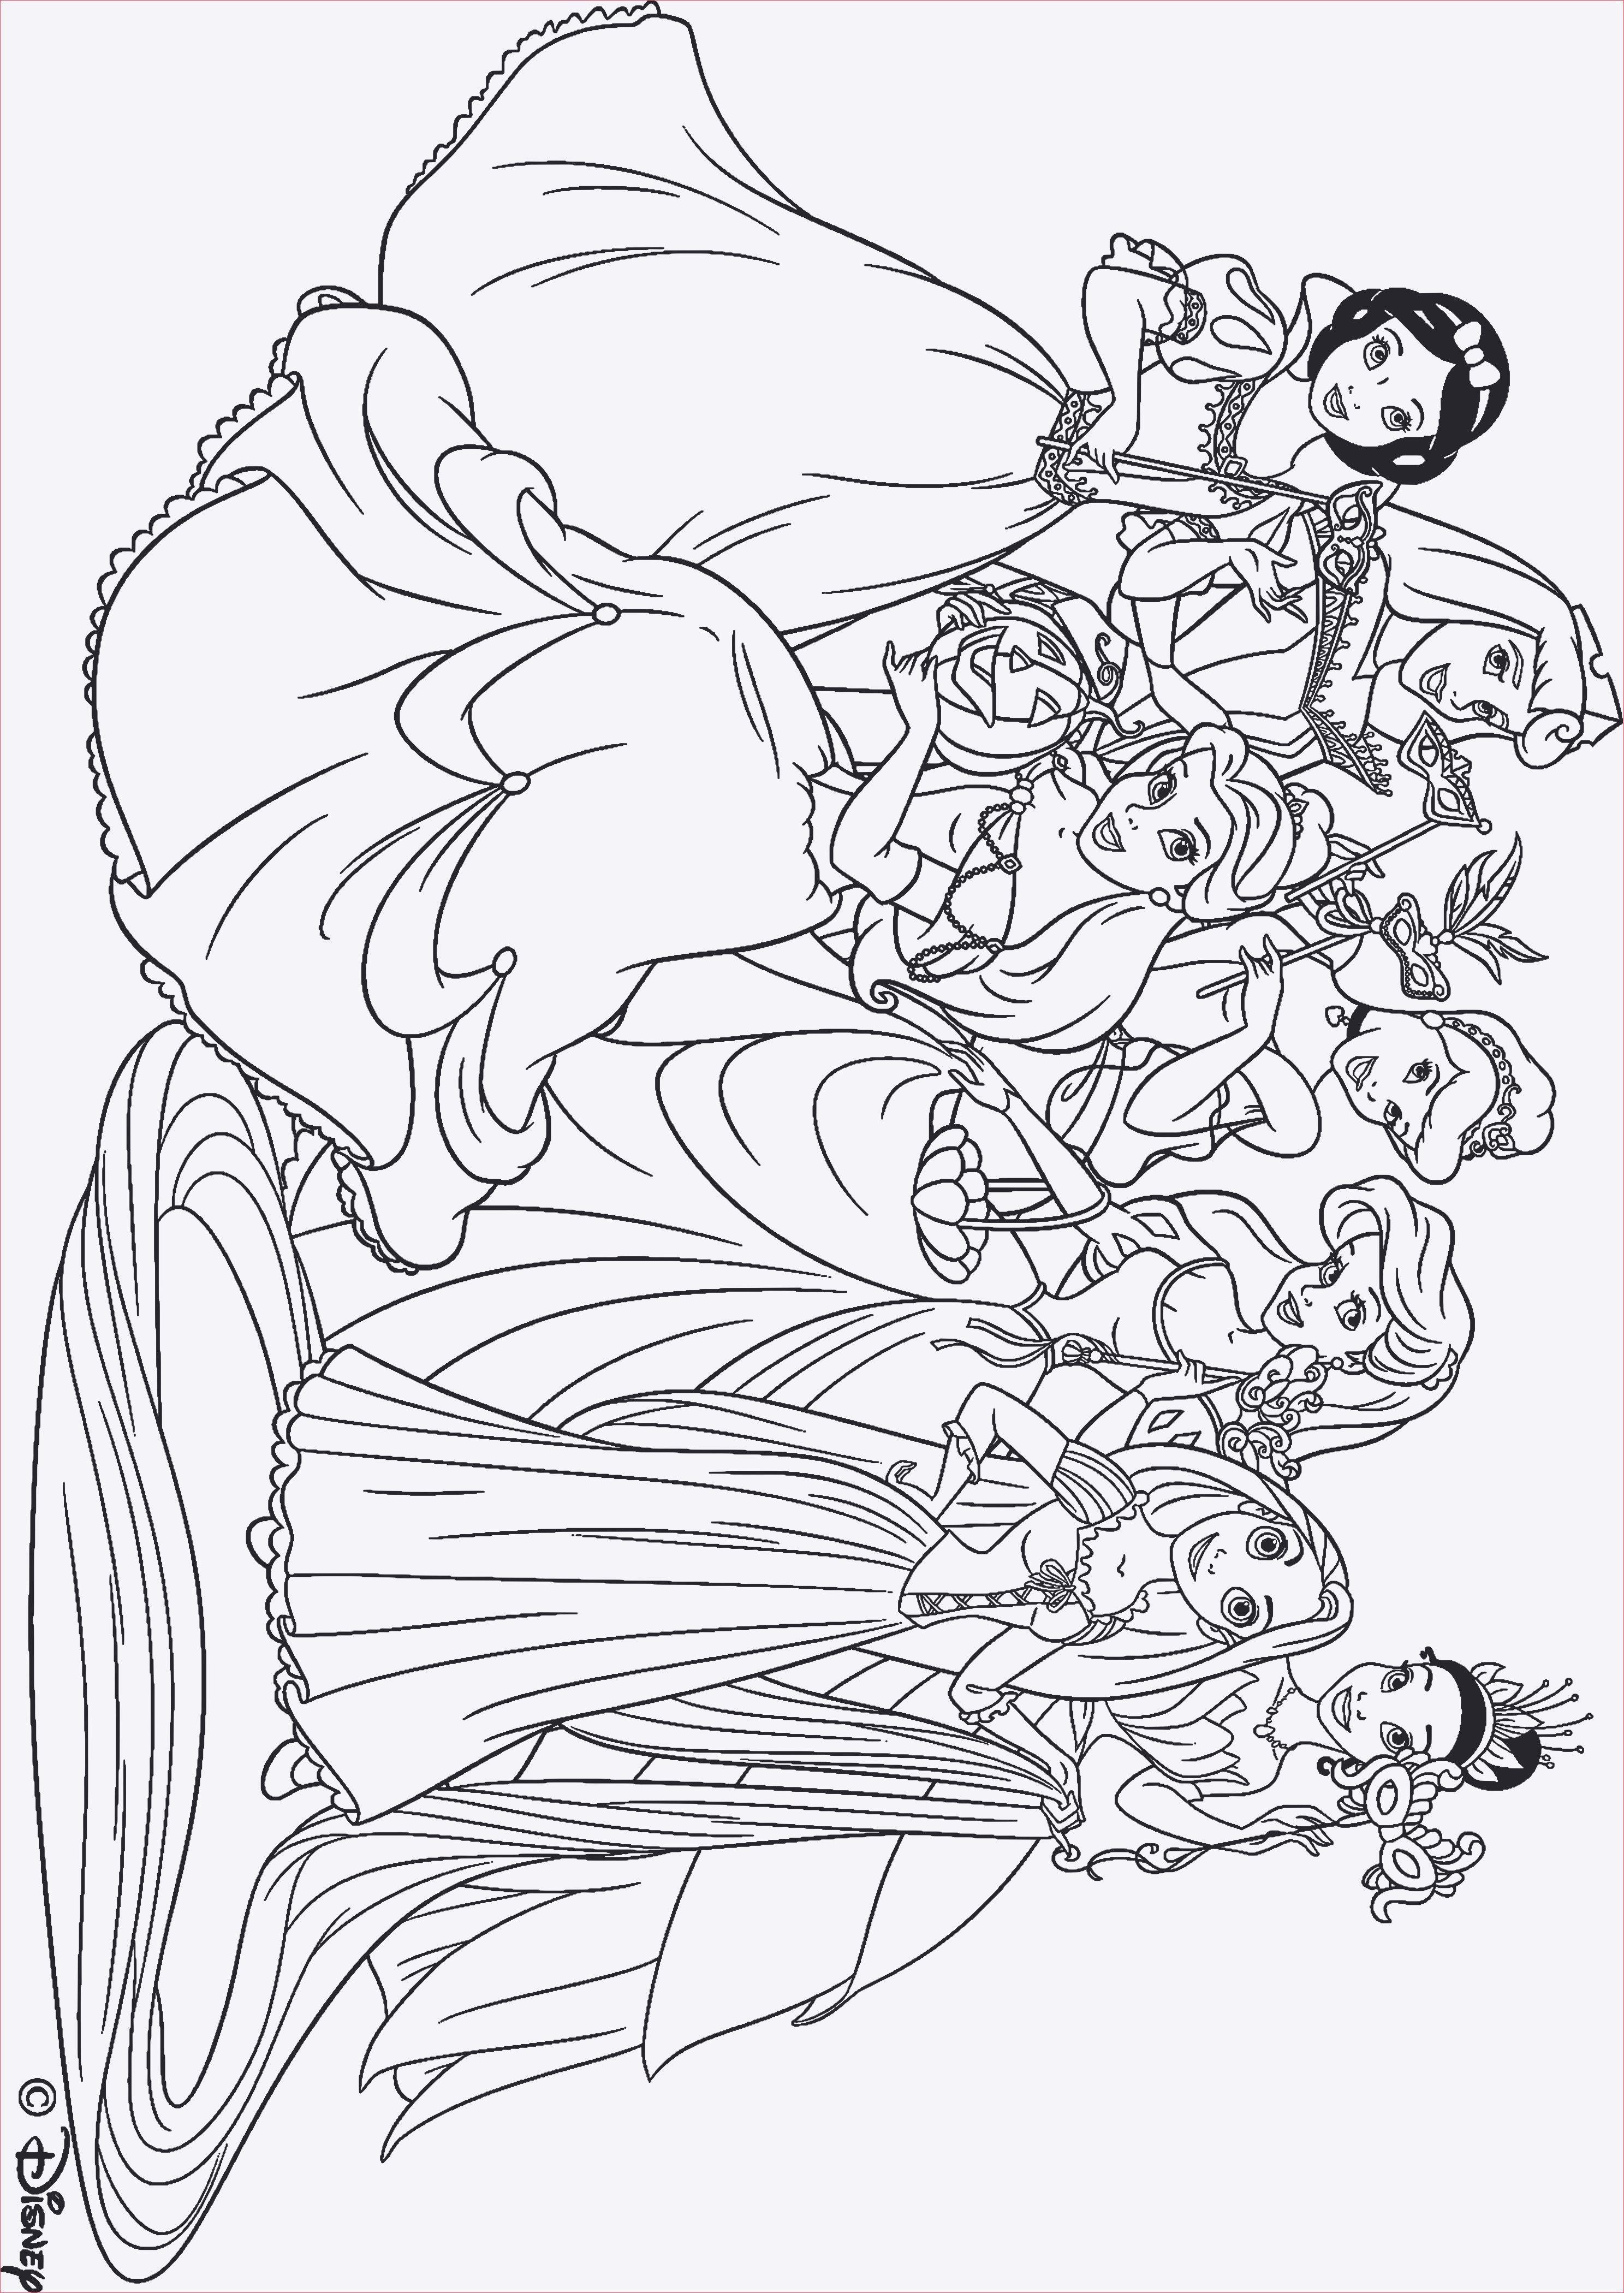 Spinnennetz Mit Spinne Malvorlage Einzigartig Malvorlagen Gratis Prinzessin Disney Luxus Oster Ausmalbilder Zum Bilder